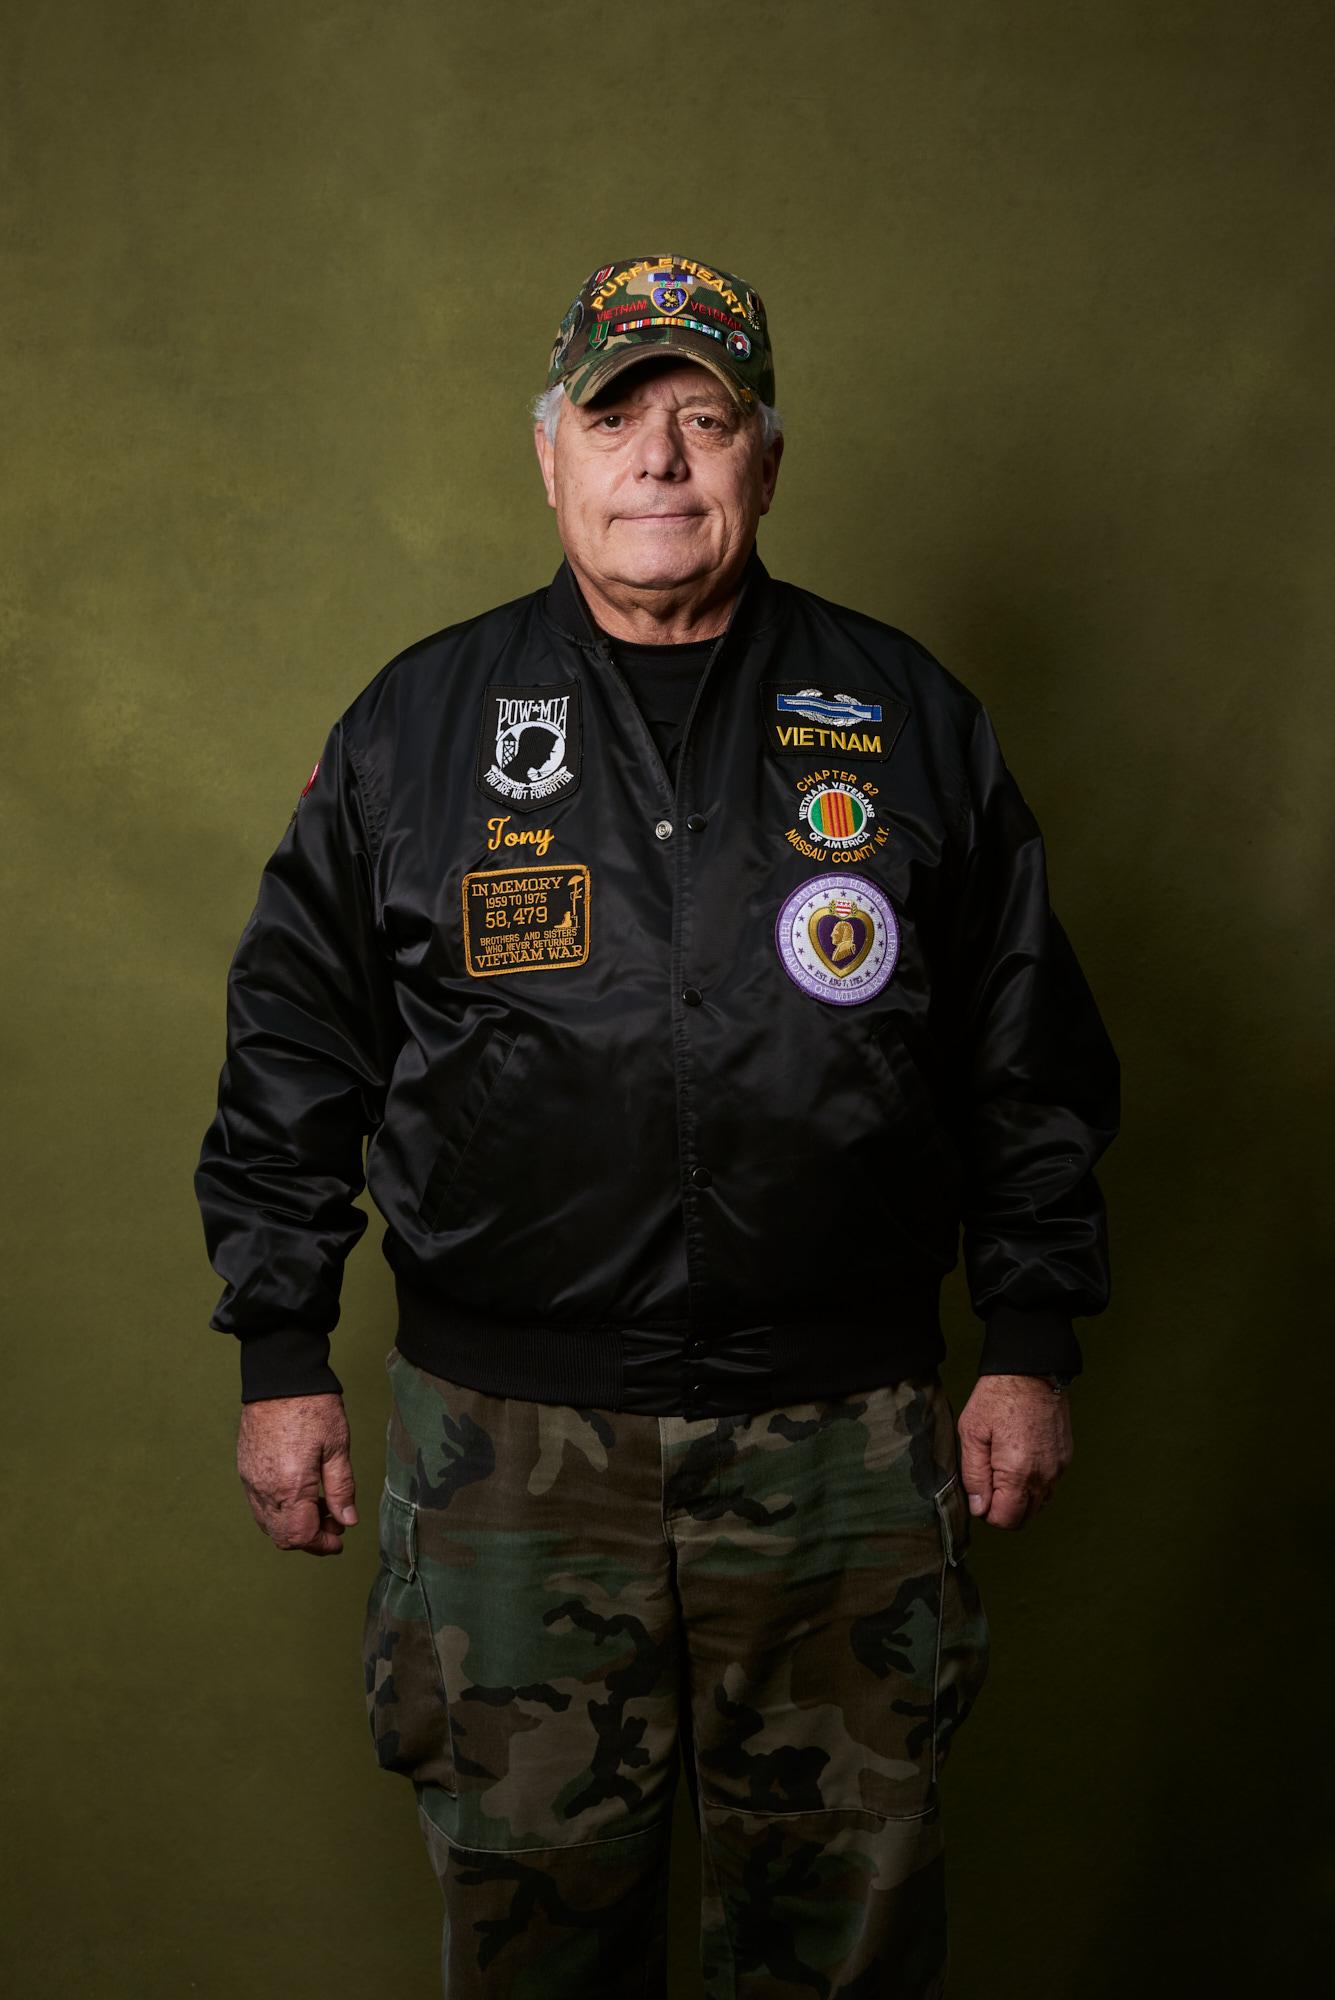 Specialist Tony Sparaco